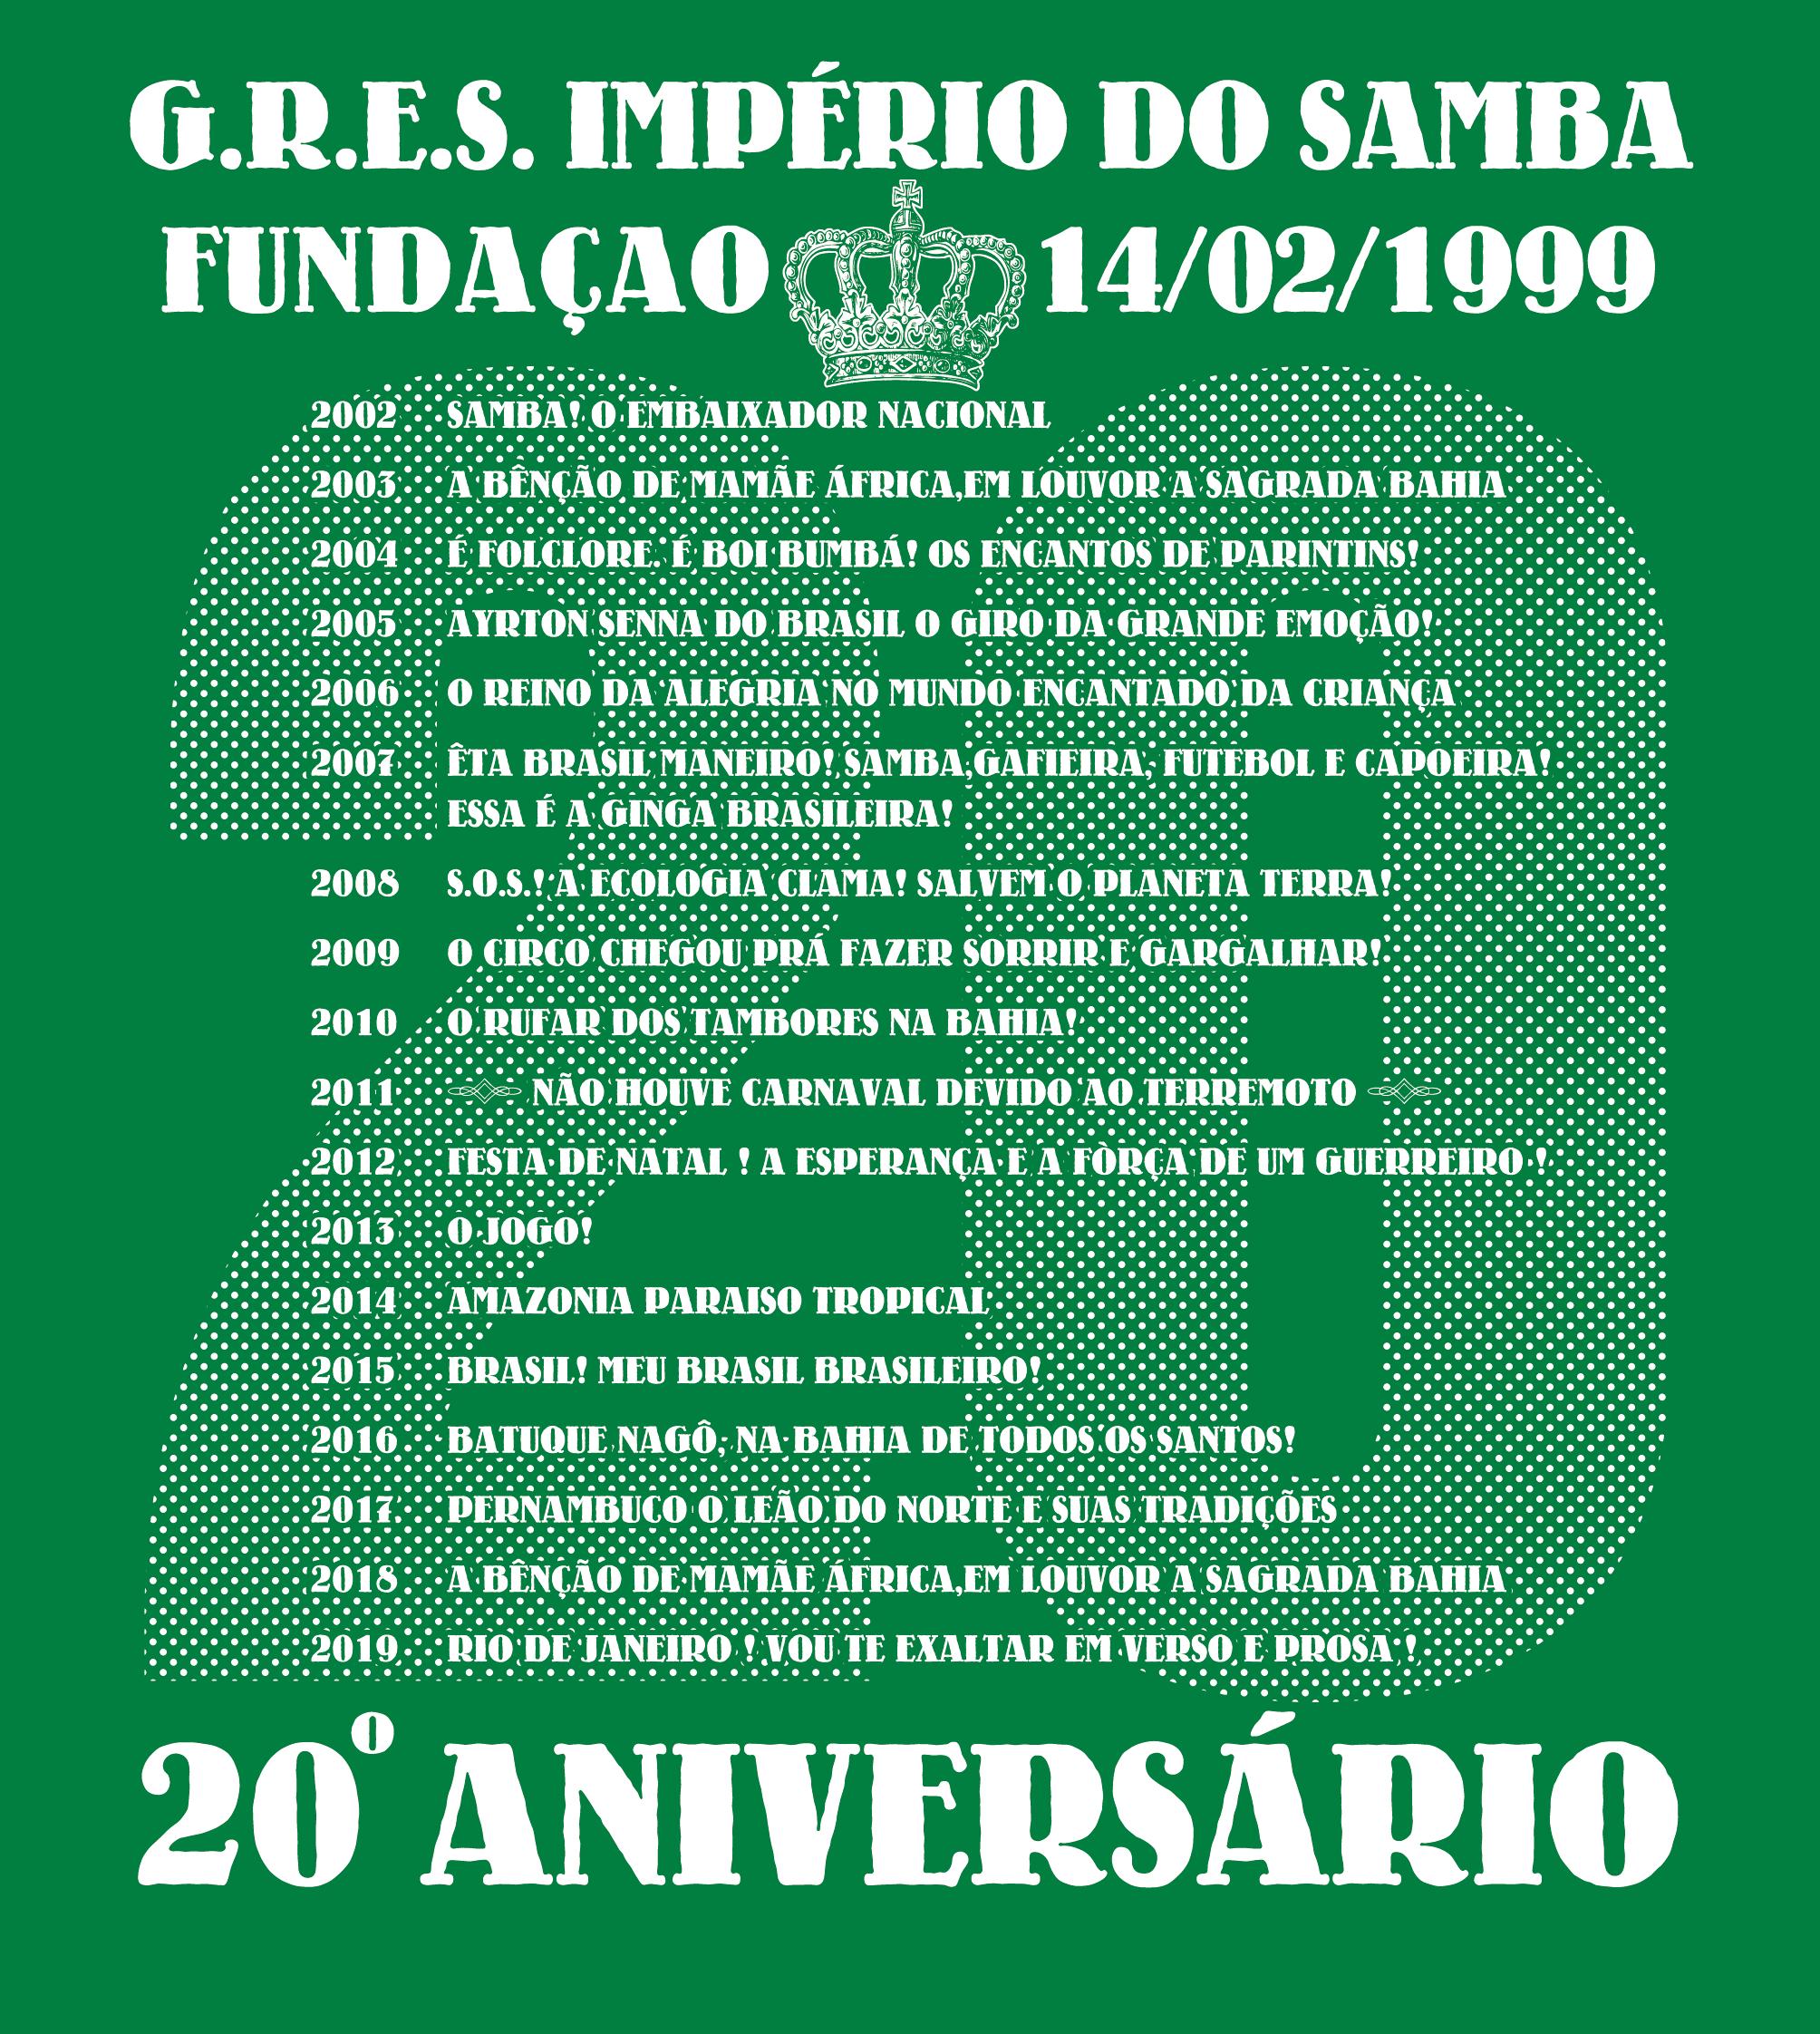 <背面>インペリオの2002年から2019年までの浅草サンバカーニバル参加テーマ全17回を記載 ダミアォンさんの大偉業です♪